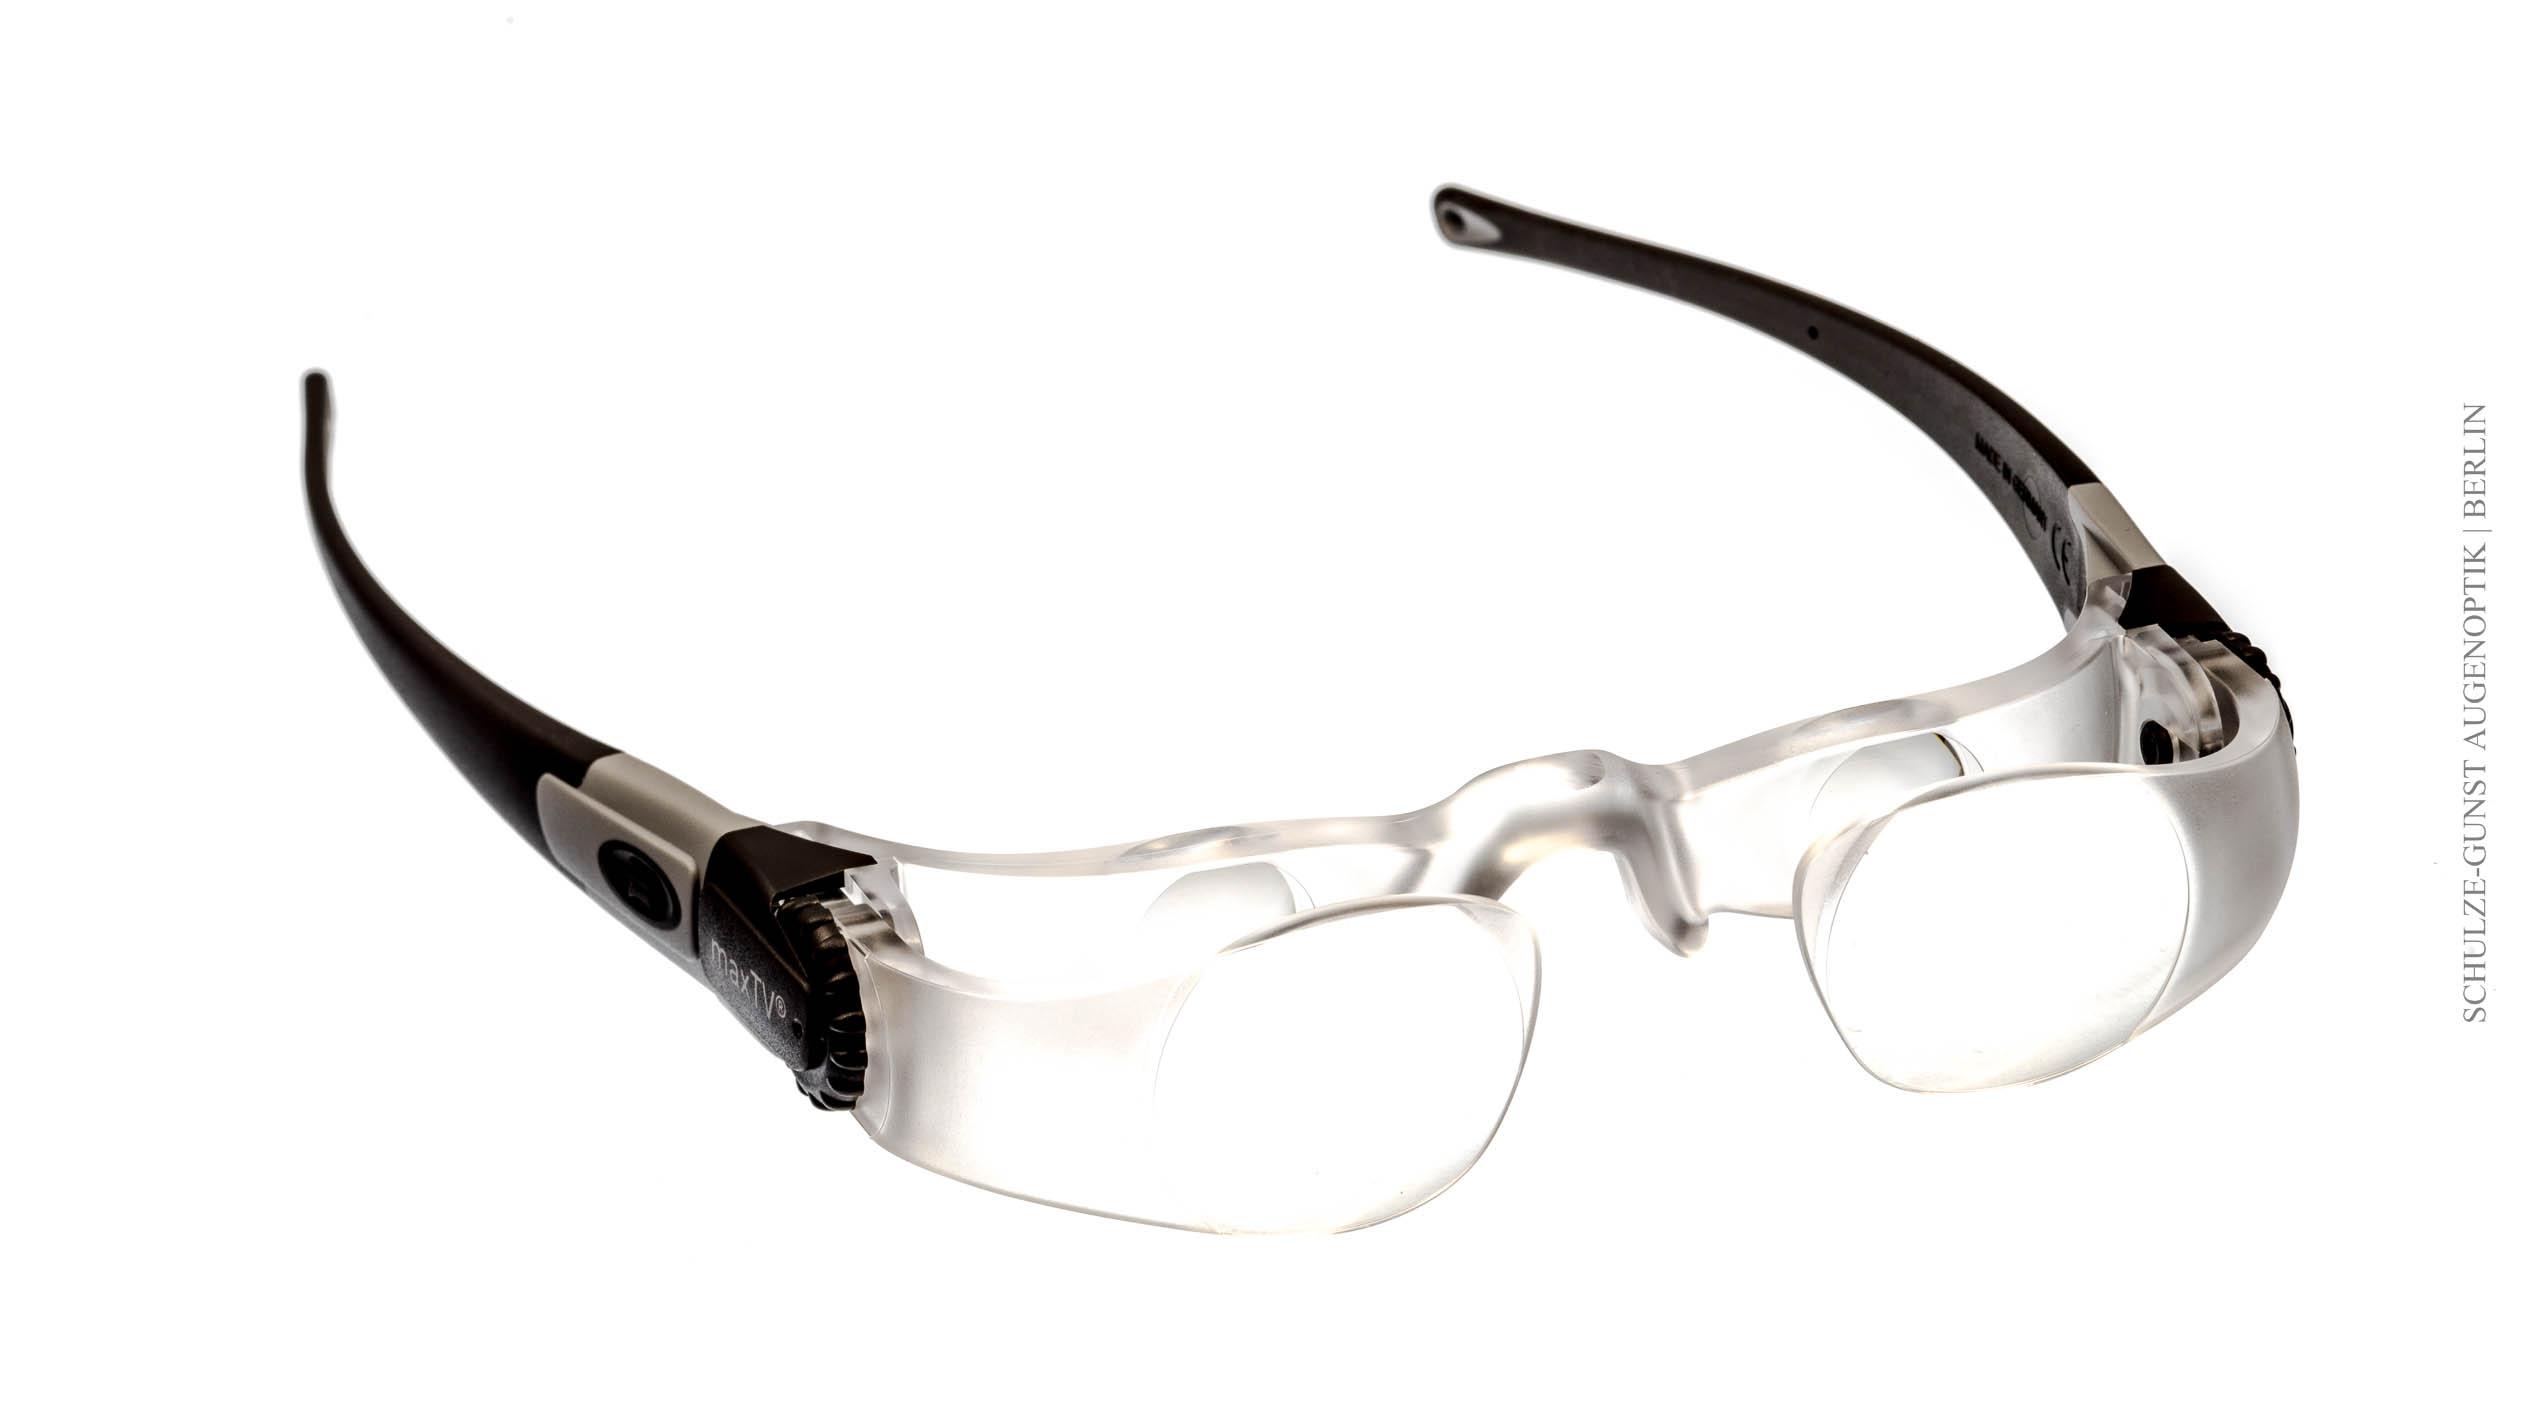 TV-Brille - vergrößernde Sehhilfen